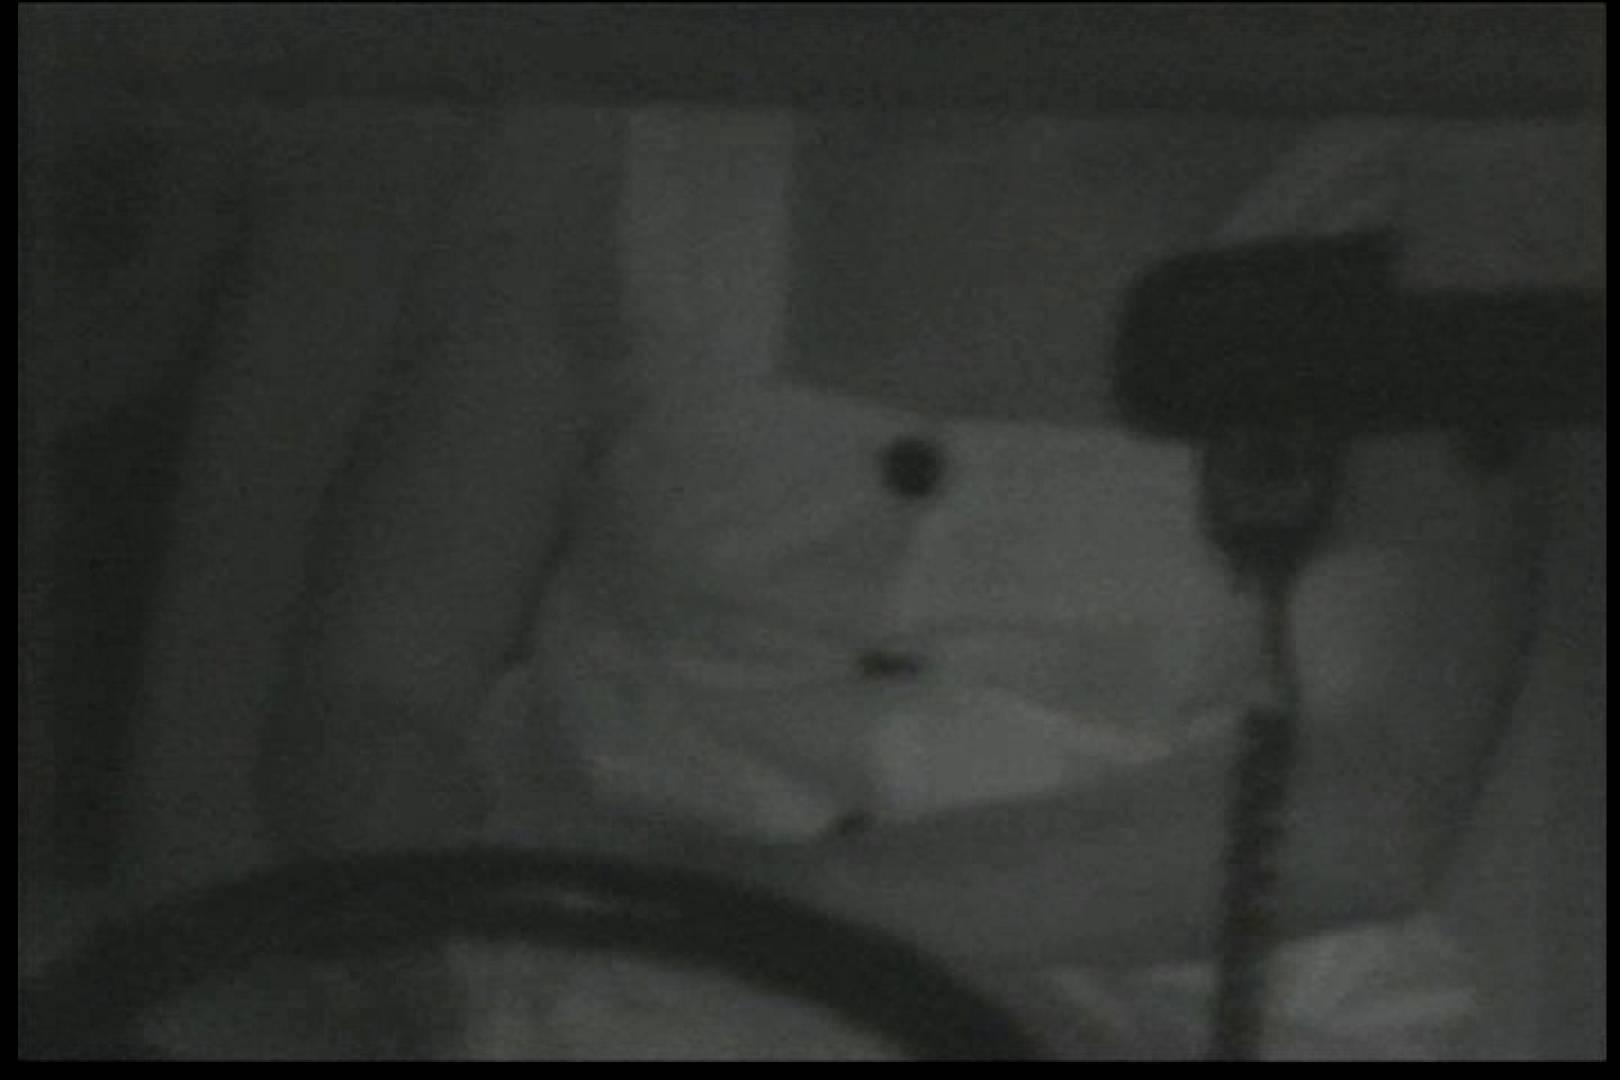 車の中はラブホテル 無修正版  Vol.12 ラブホテル隠し撮り おめこ無修正動画無料 87pic 79